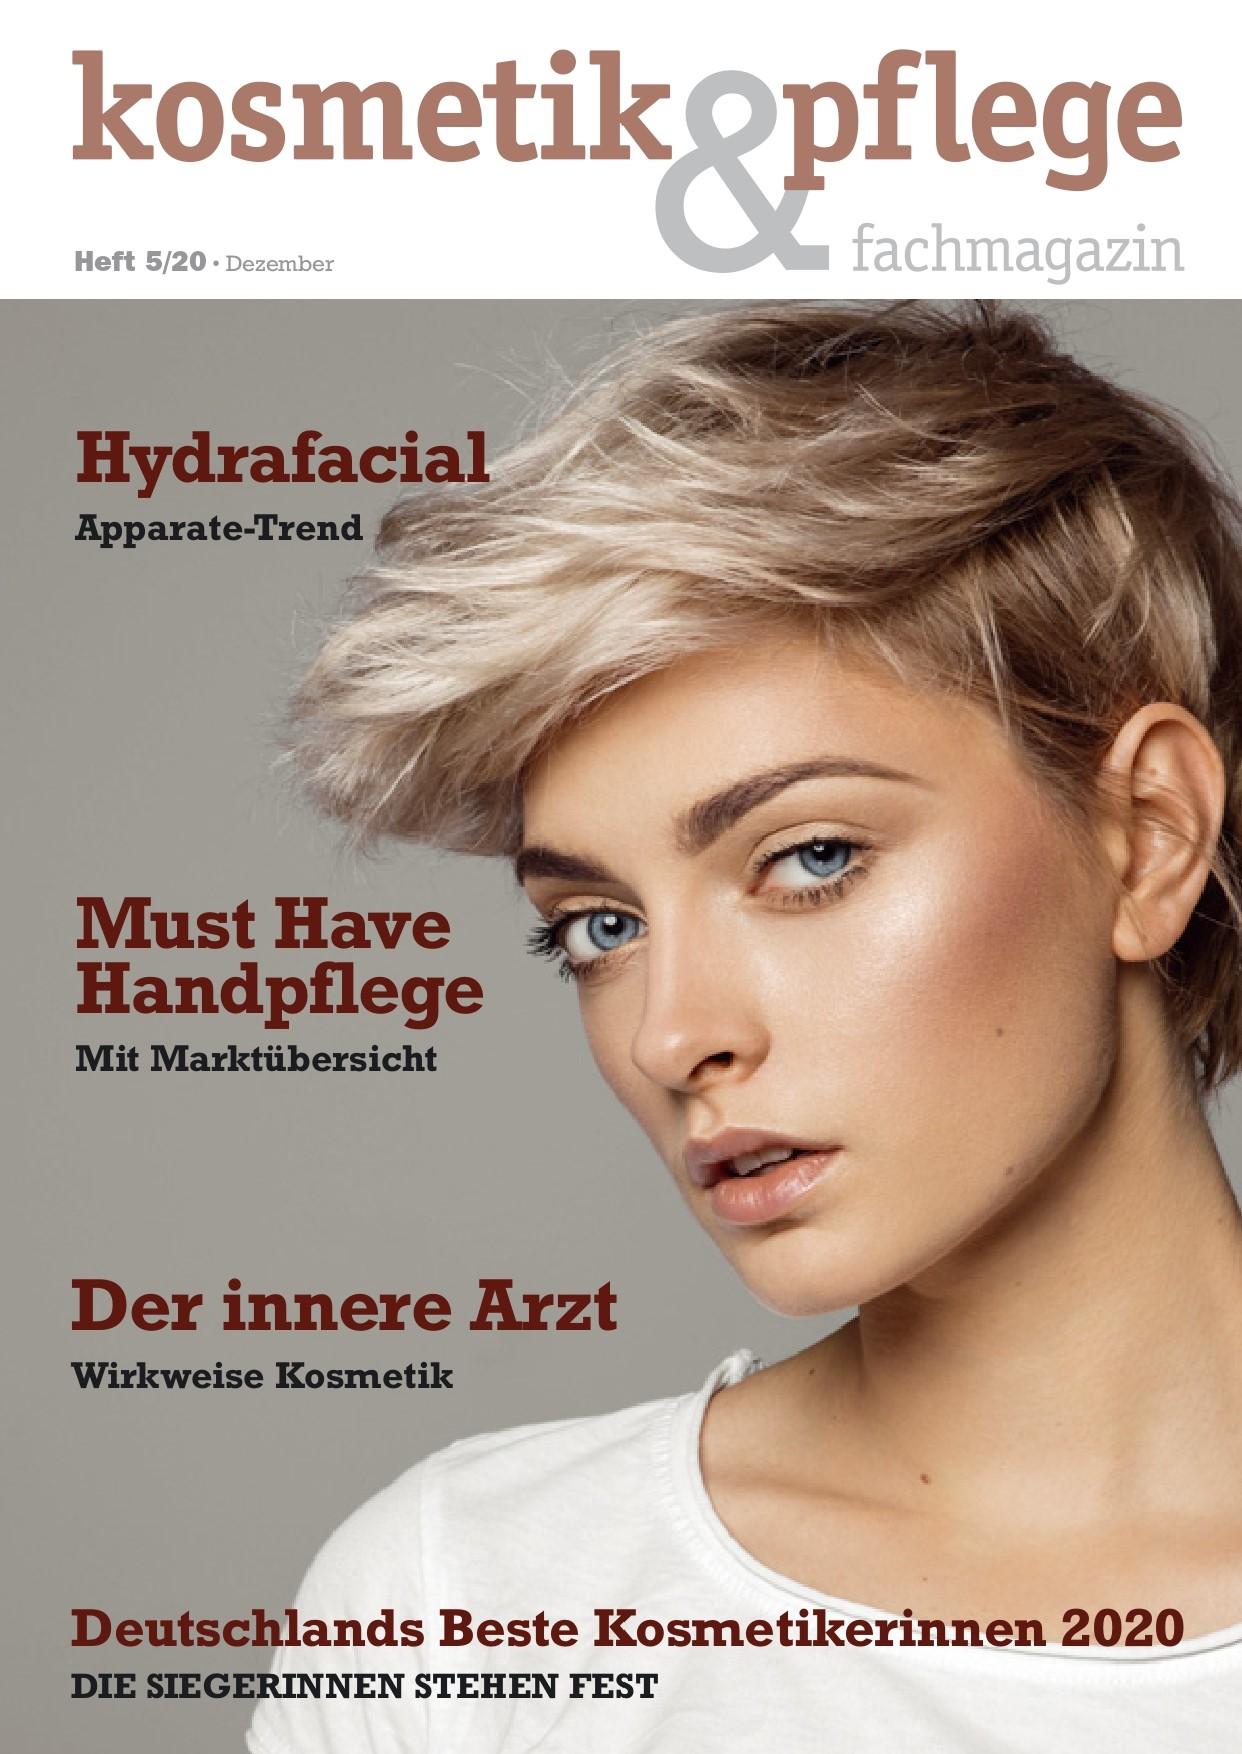 """Featured image for """"kosmetik & pflege fachmagazin, Ausgabe 5/20, """"Gründung des Bundesberufsverbands"""" Dezember"""""""